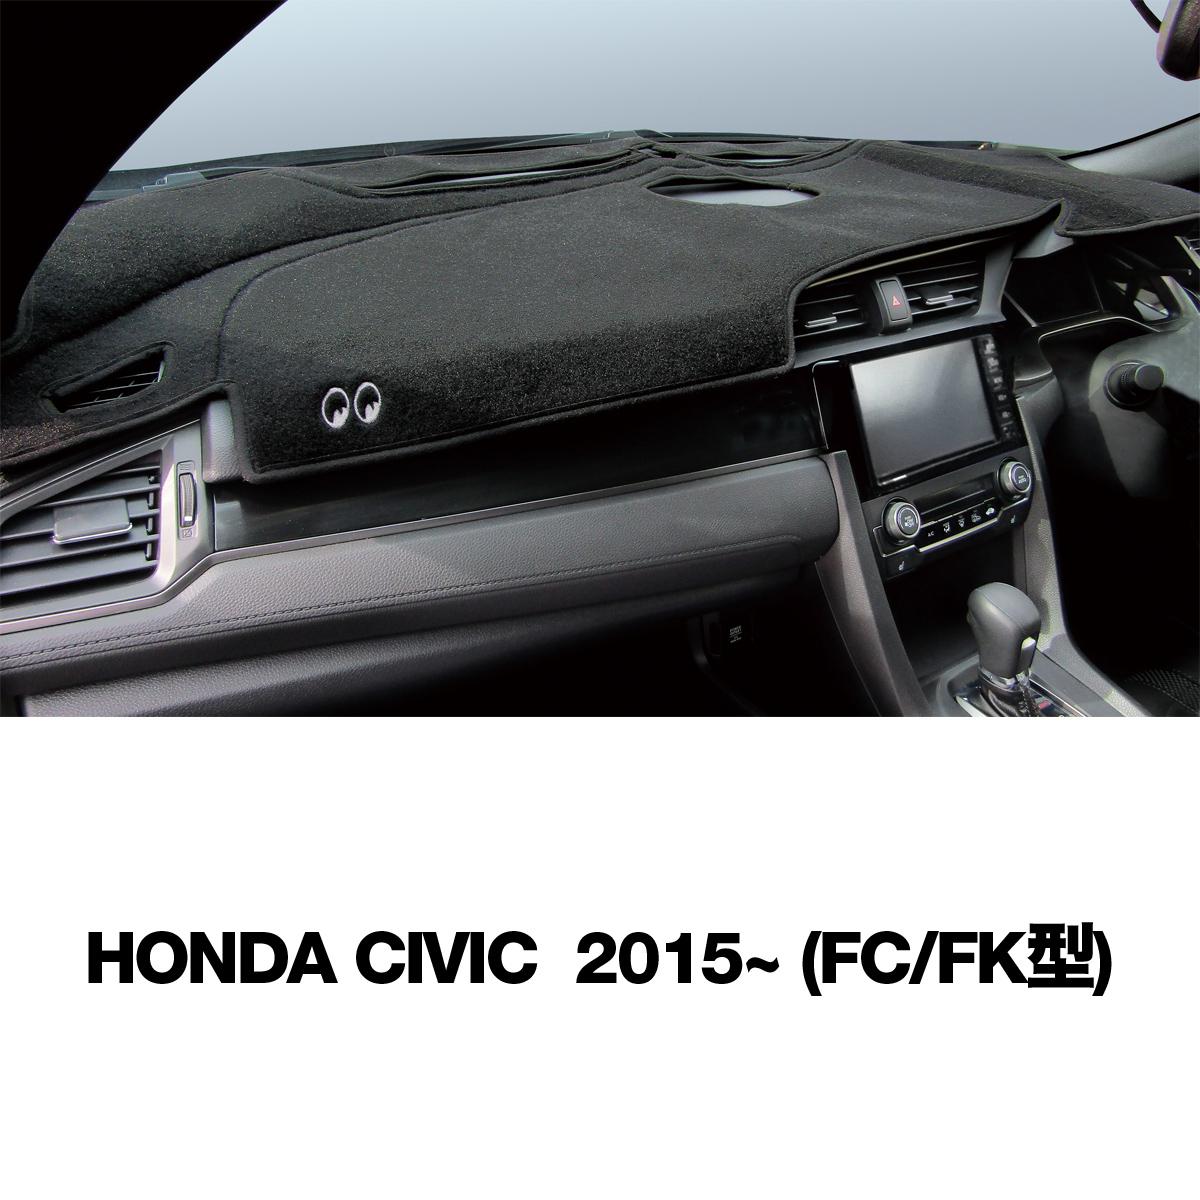 HONDA CIVIC (ホンダ シビック) 現行 2015〜(FC/FK型)用 オリジナル DASH MAT(ダッシュマット)